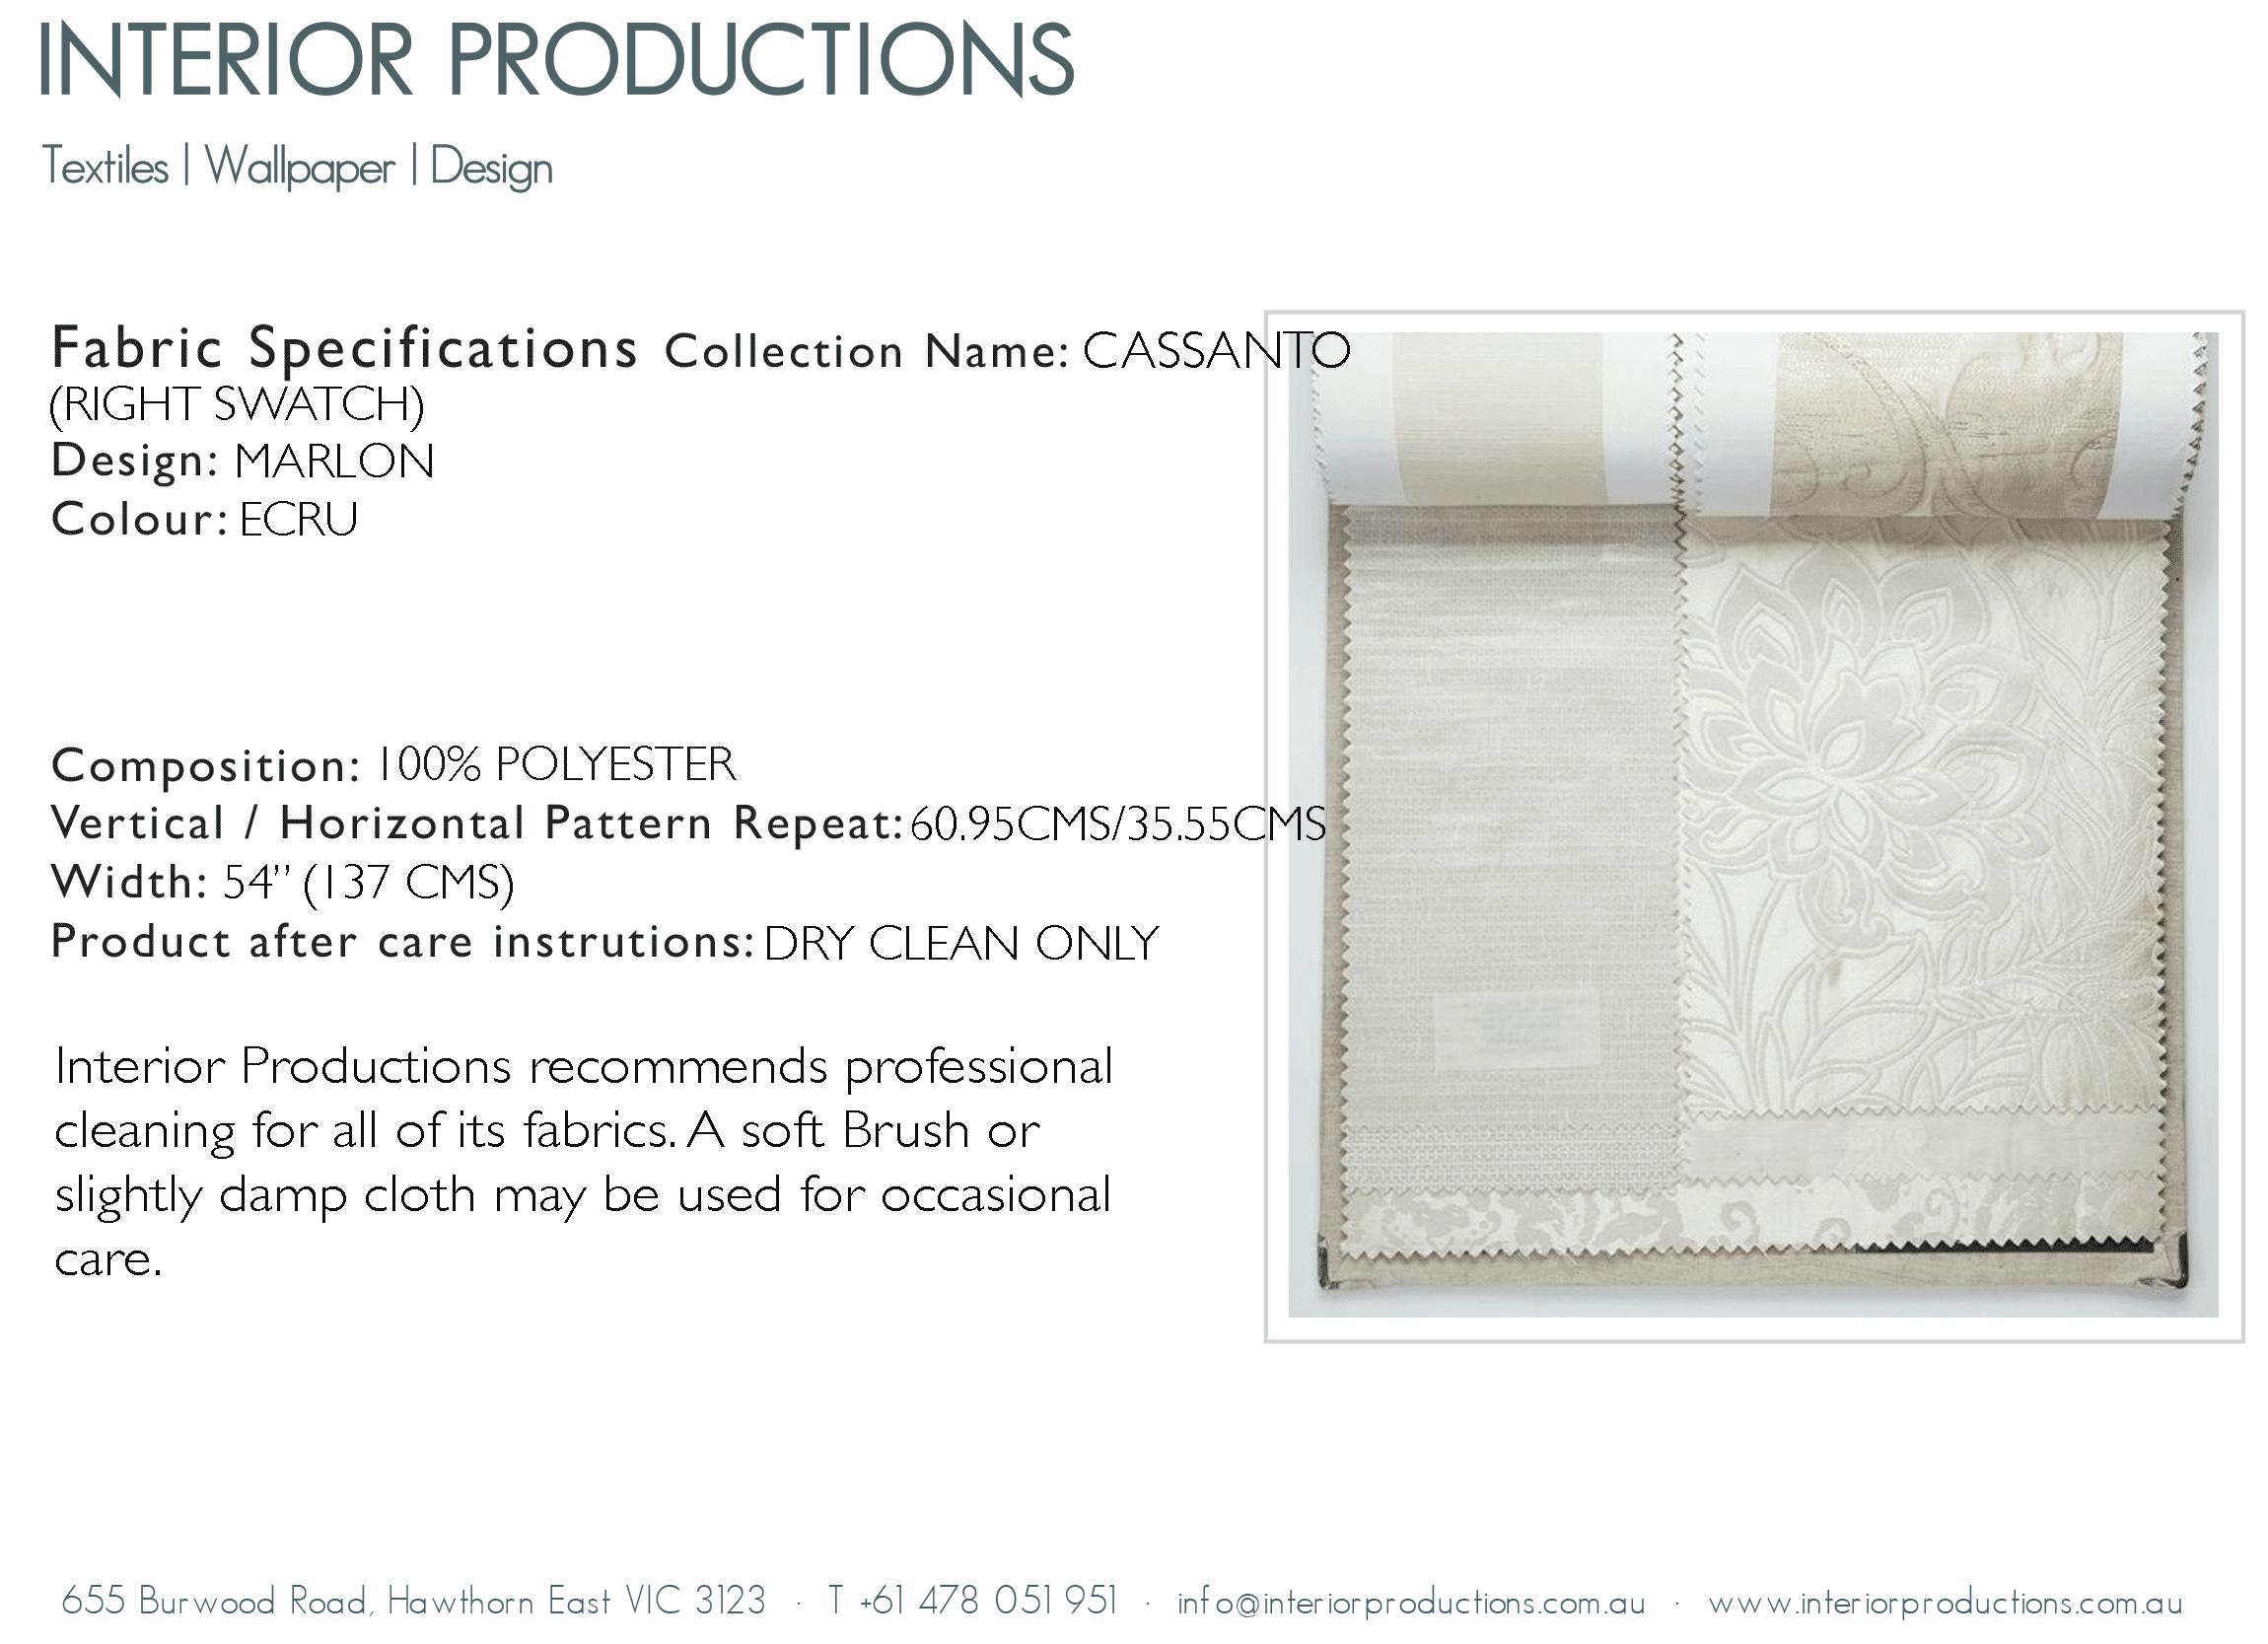 interior_productions_MARLON---ECRU